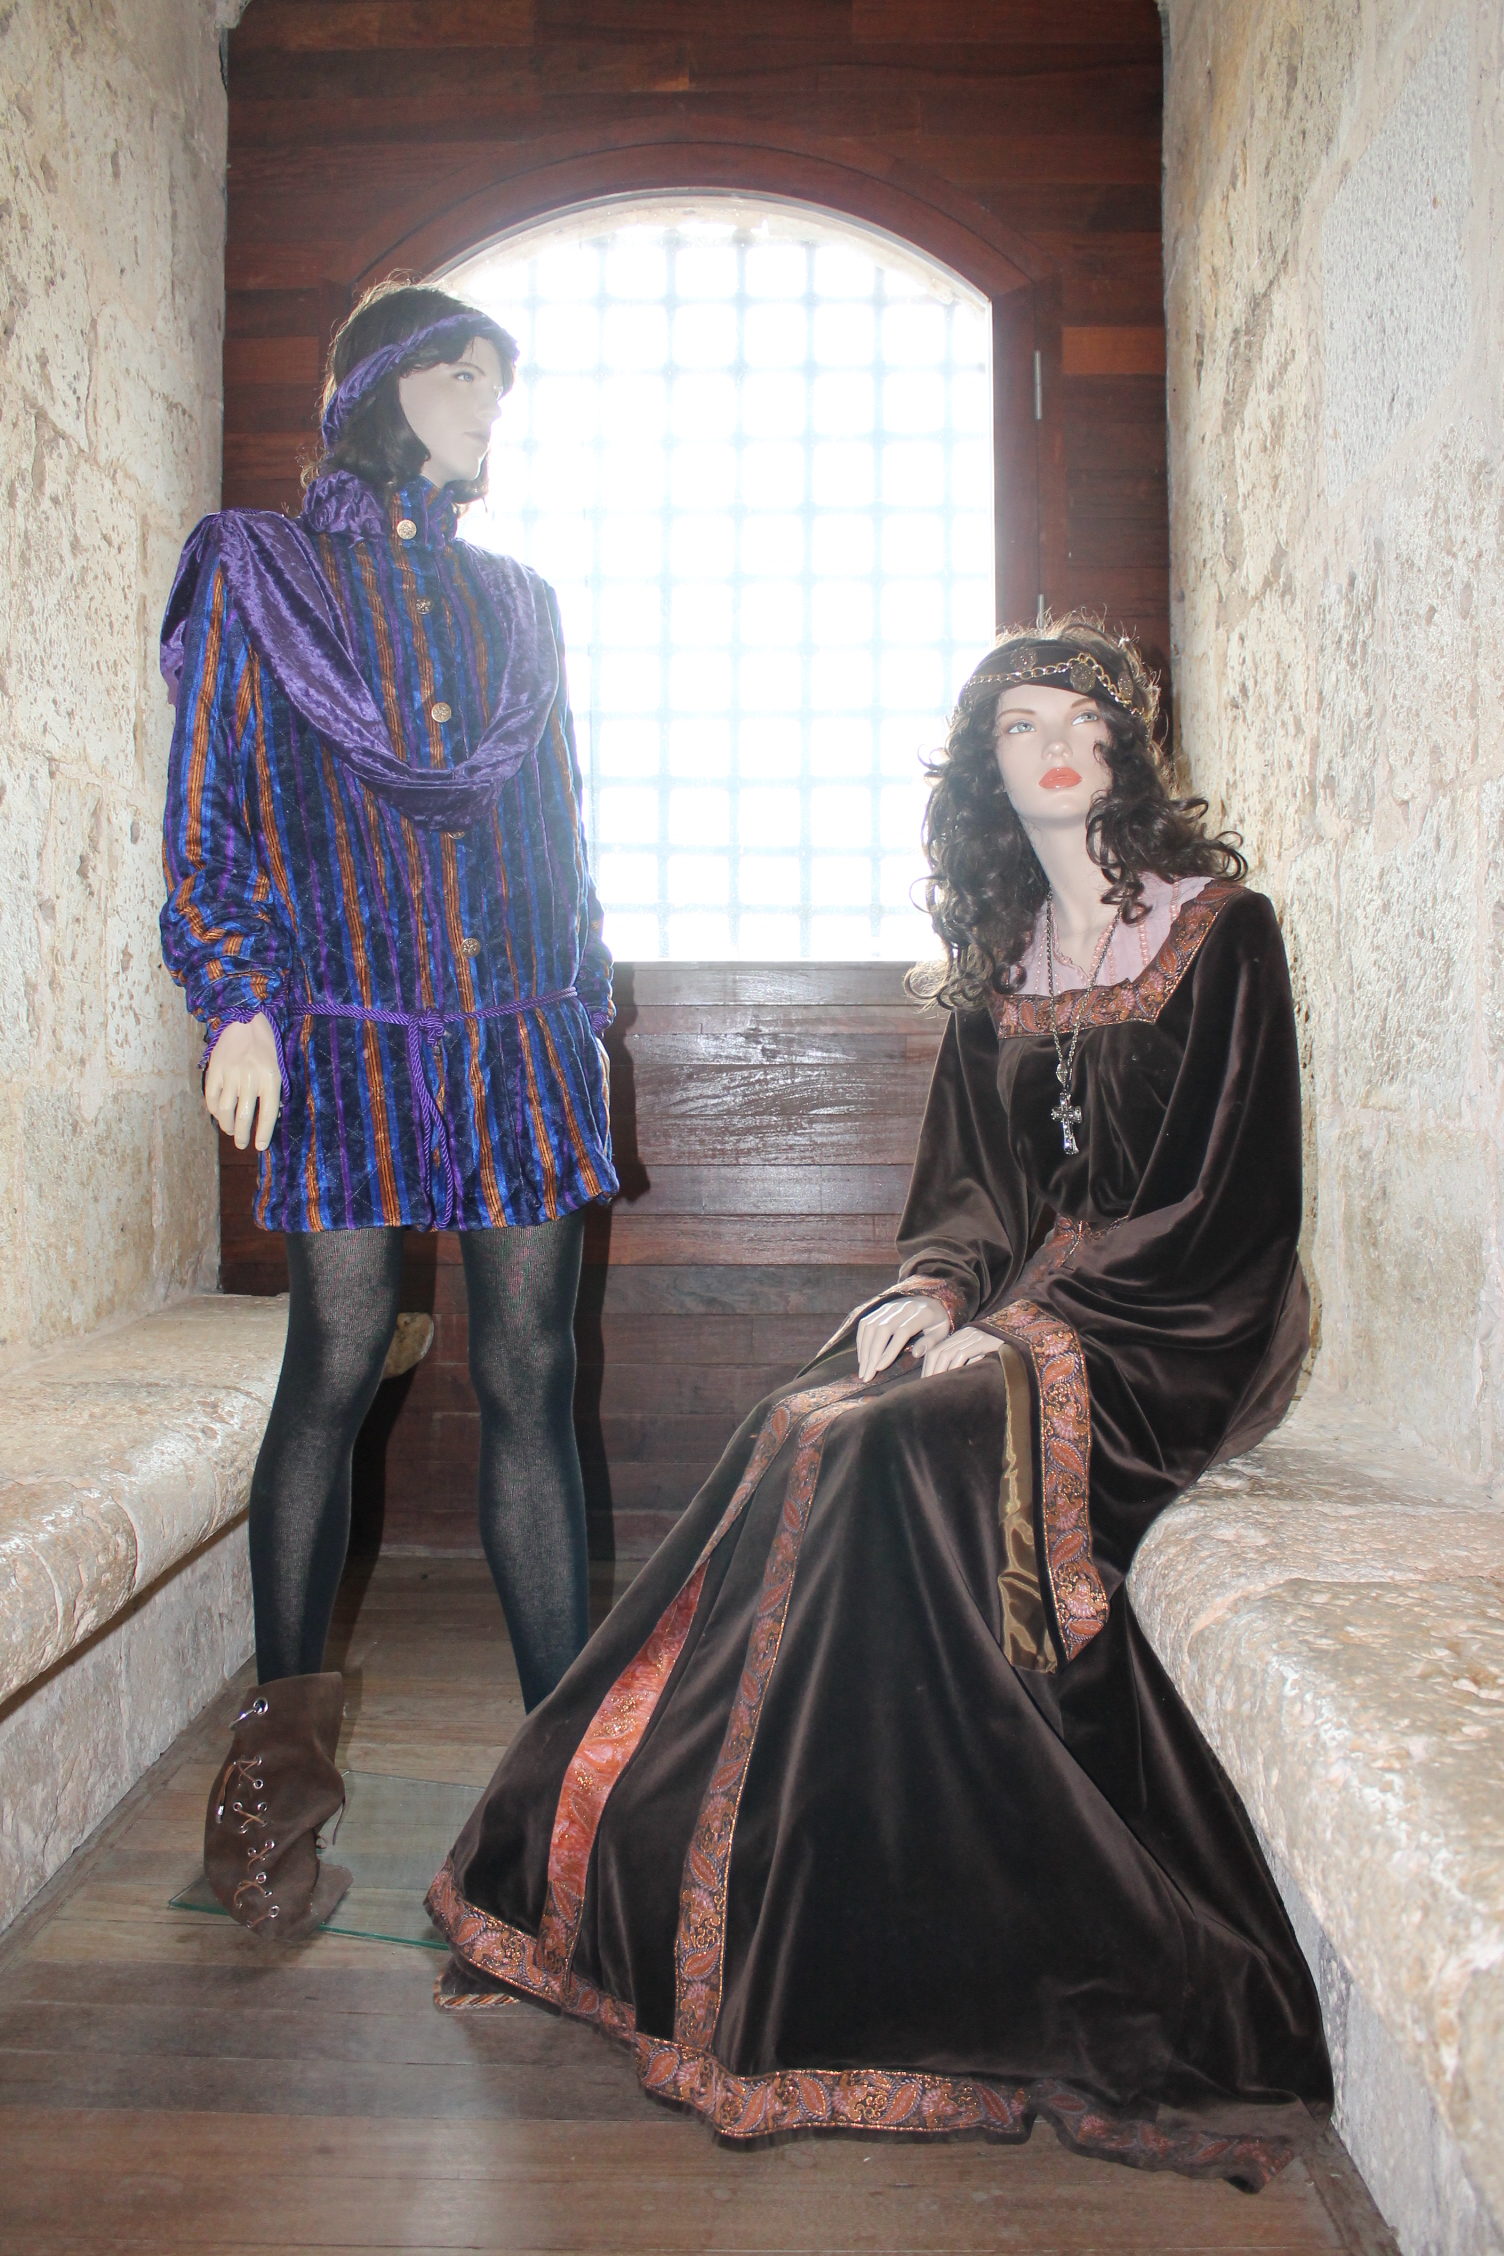 ペニャフィエル城 -リベラ・デル・ドゥエロ